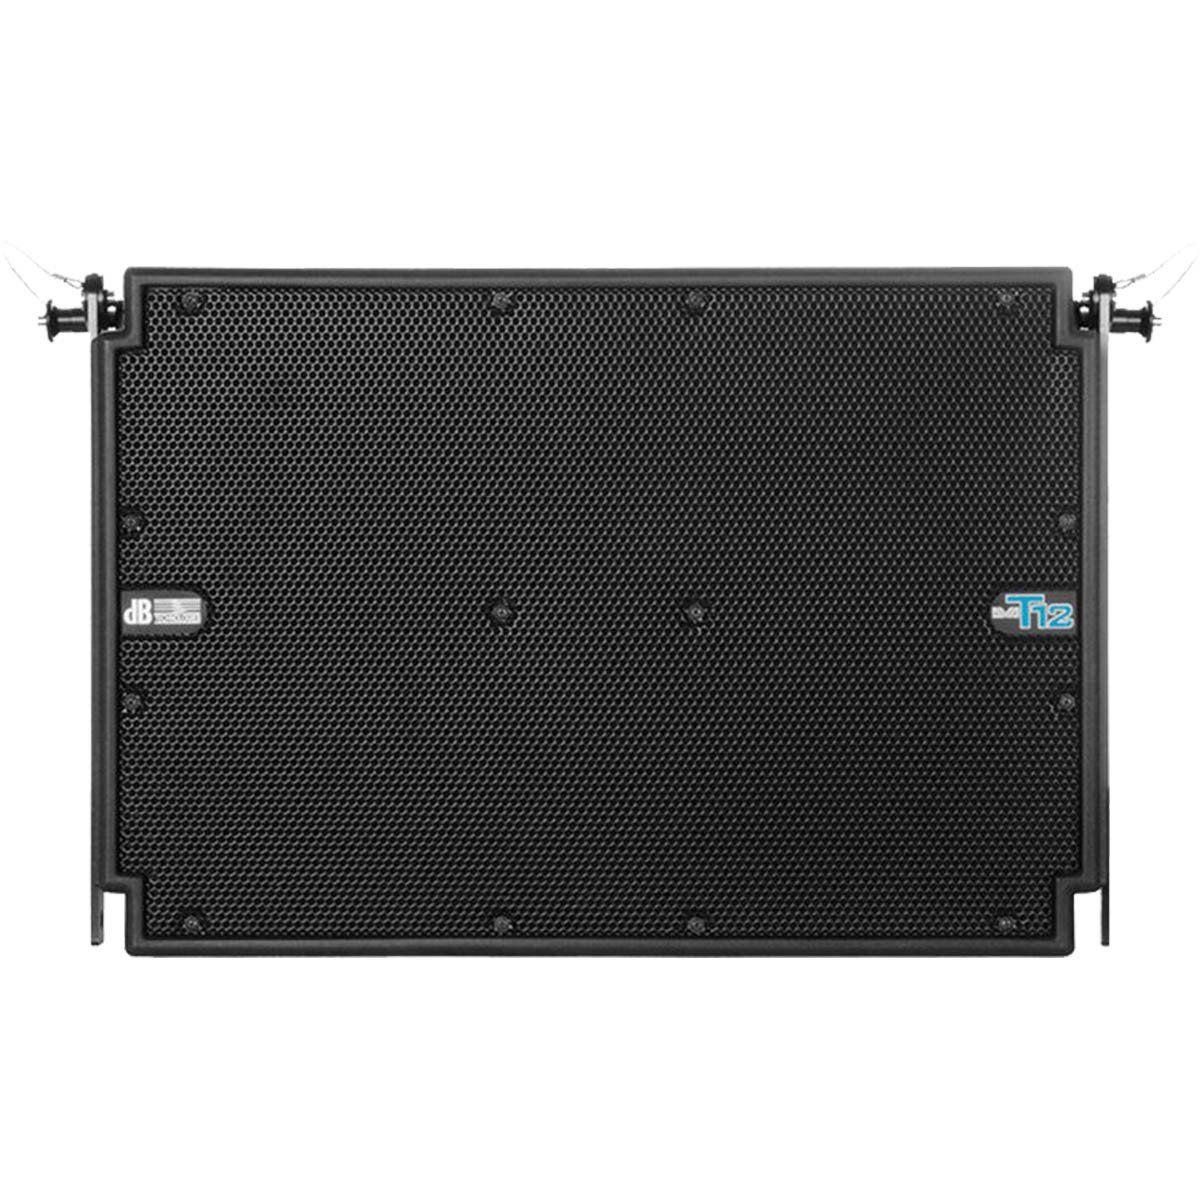 dB Technologies DVA T12 Caixa de Som DVA T-12 Ativa 1500W para Clubes e Eventos